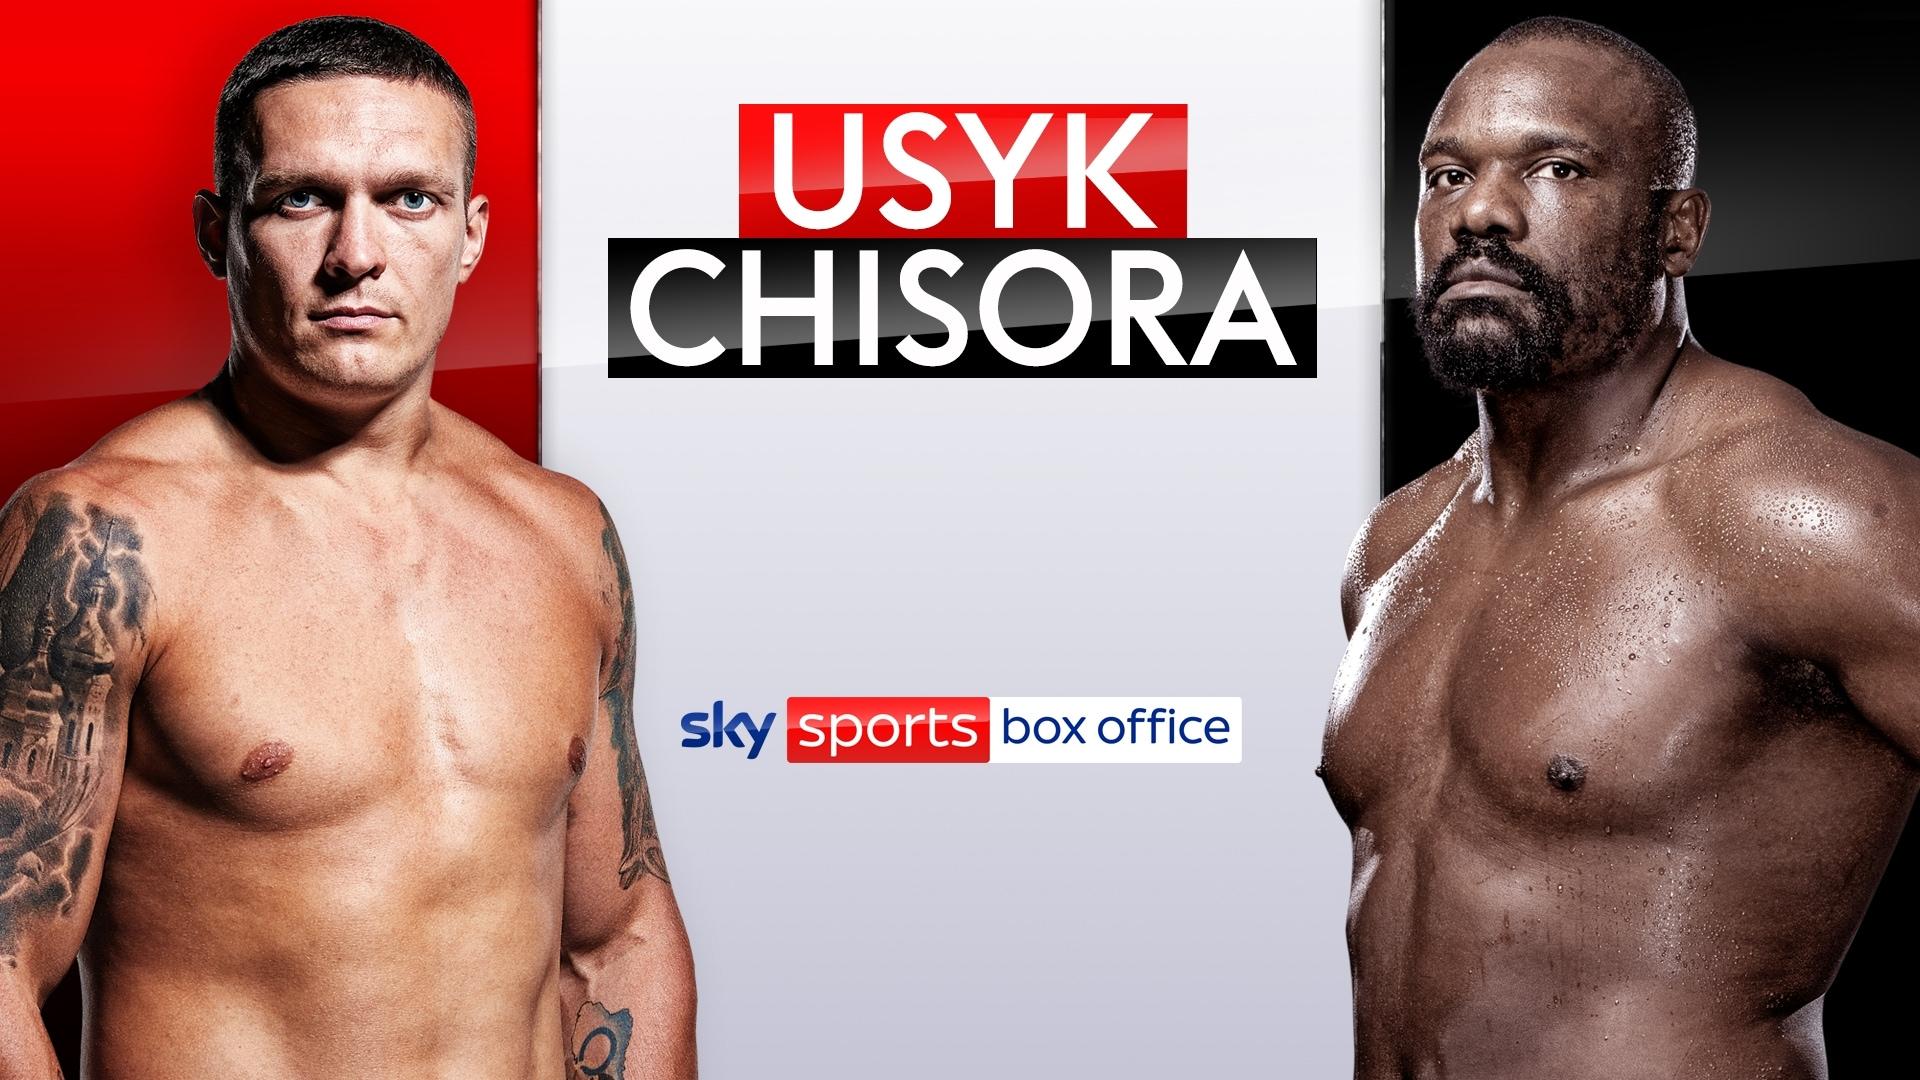 Usyk vs Chisora